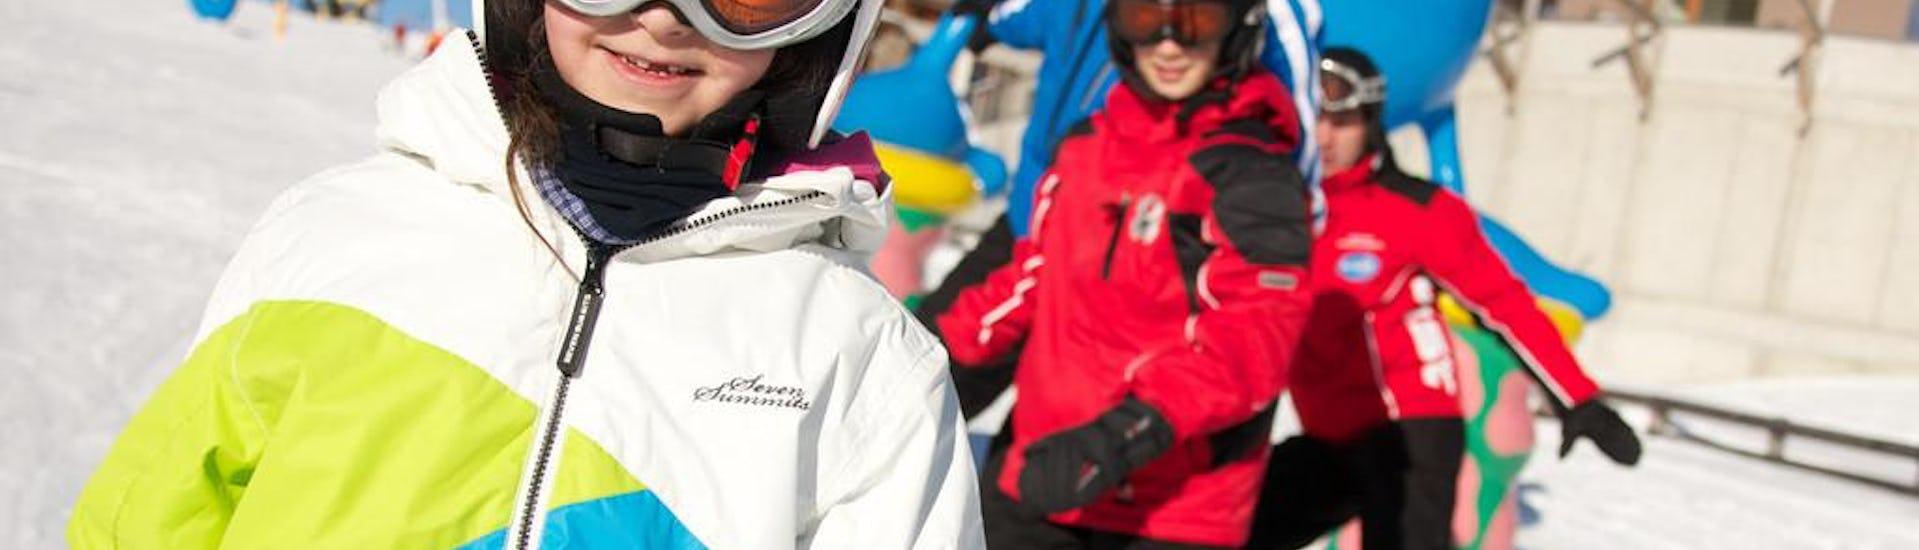 Ski Lessons for Kids (3 years) - Beginner